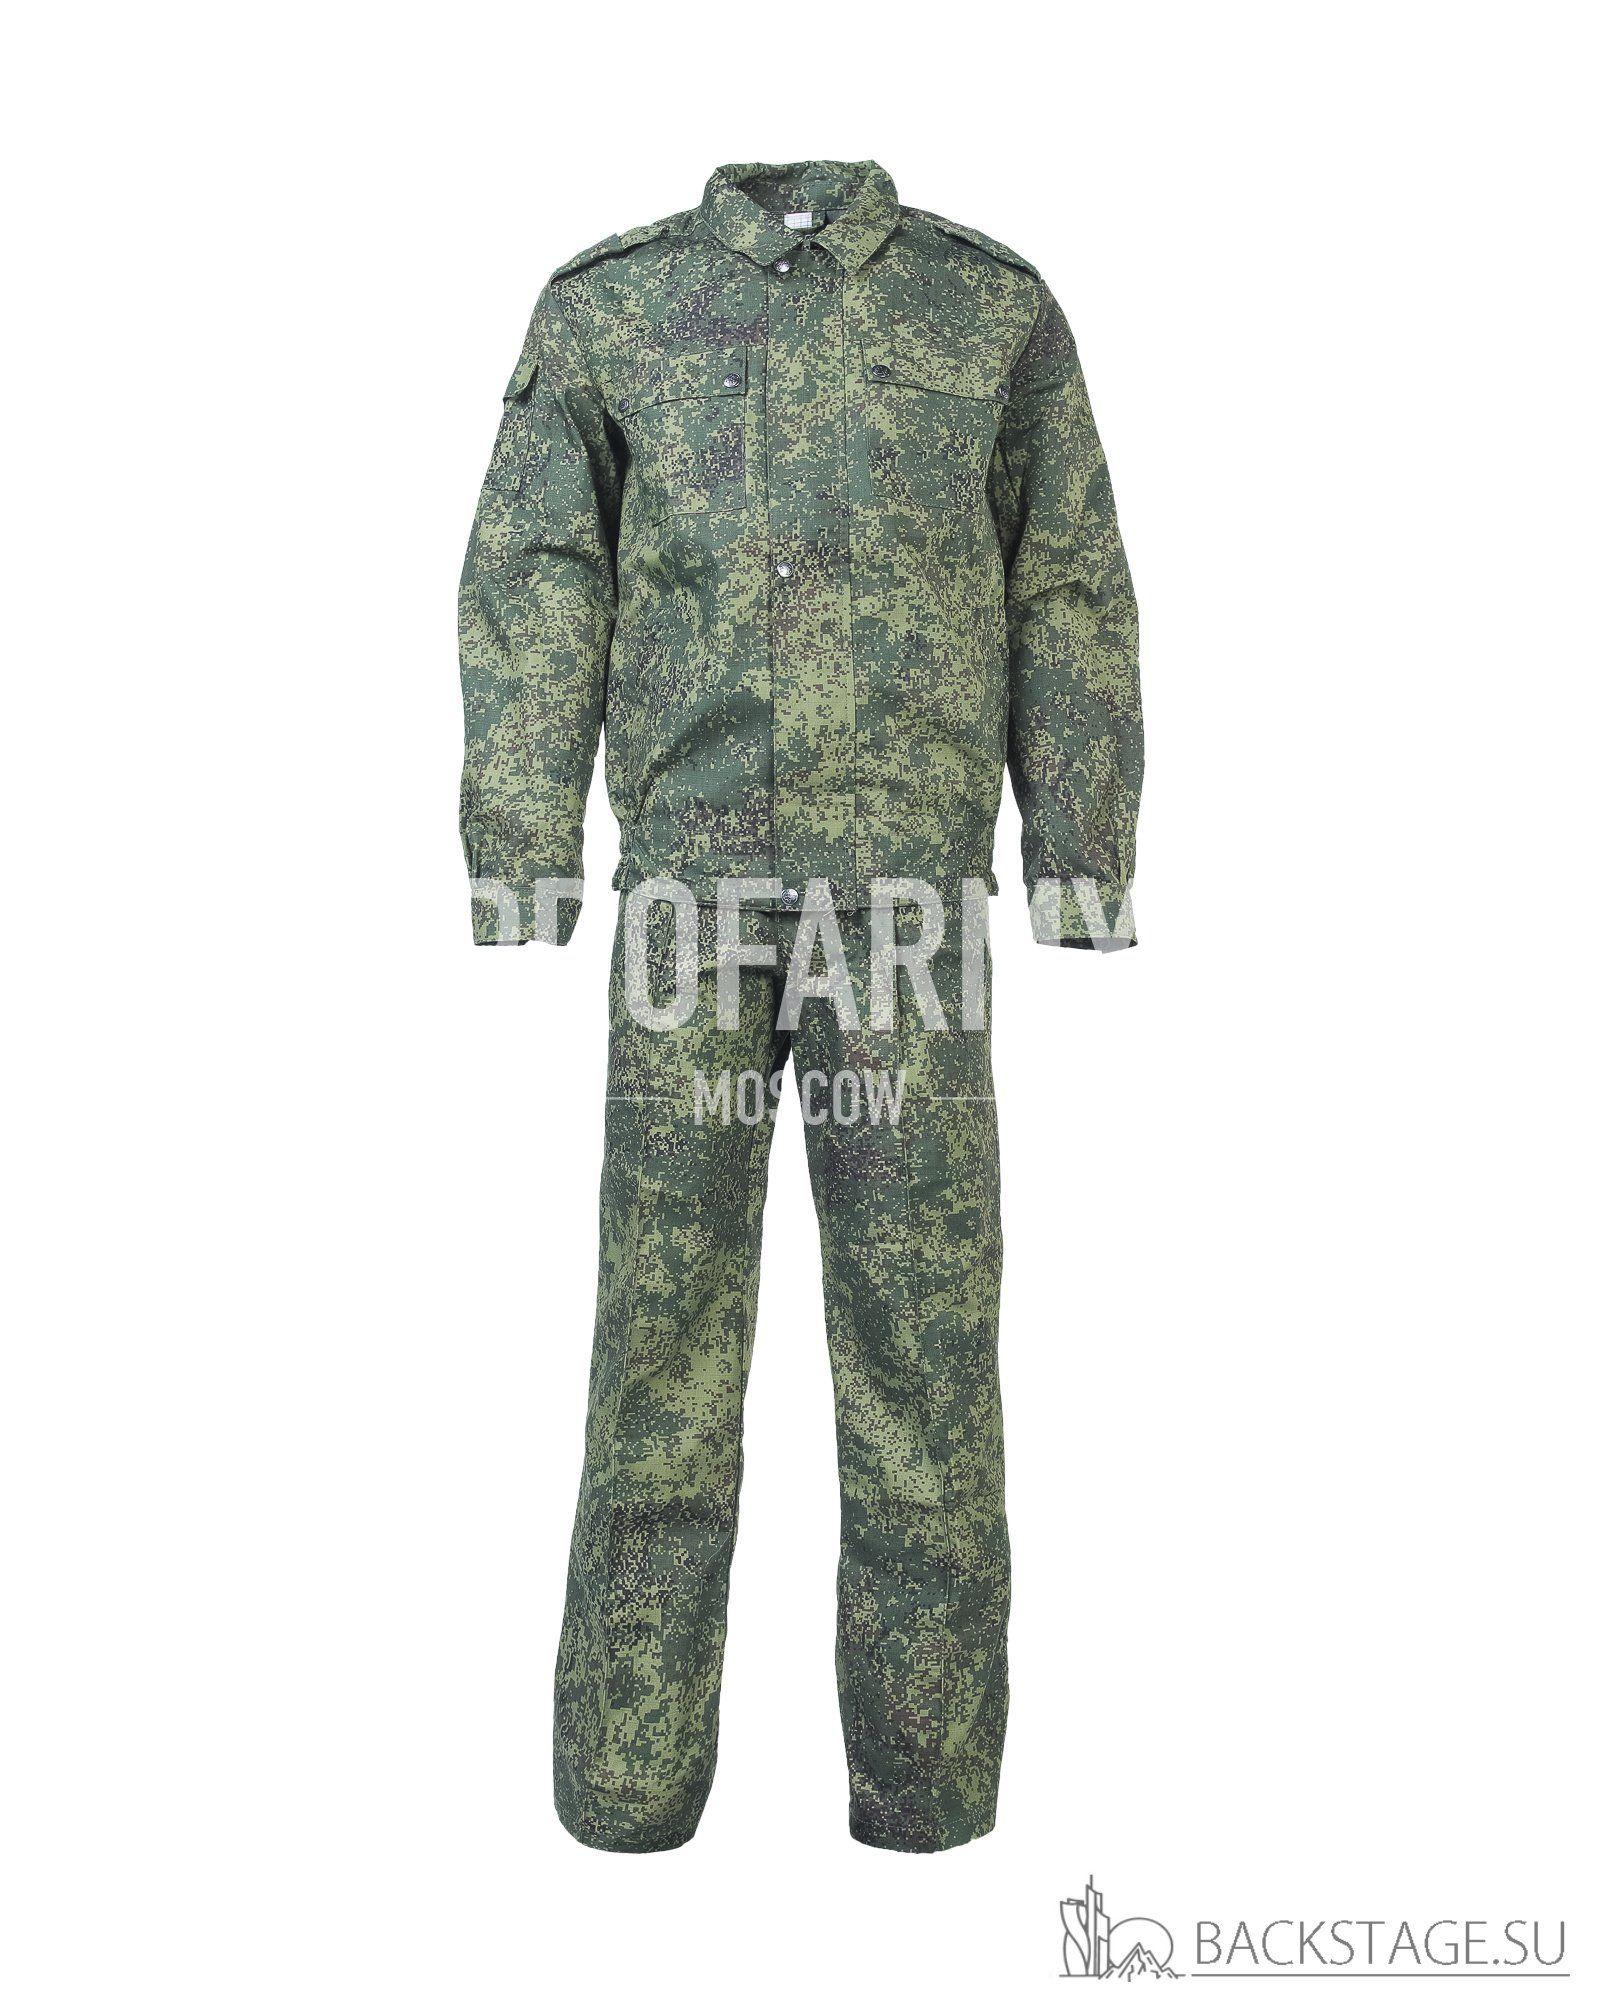 Костюм СКС (пиксель) RipStop, Тактические костюмы - арт. 1051810259